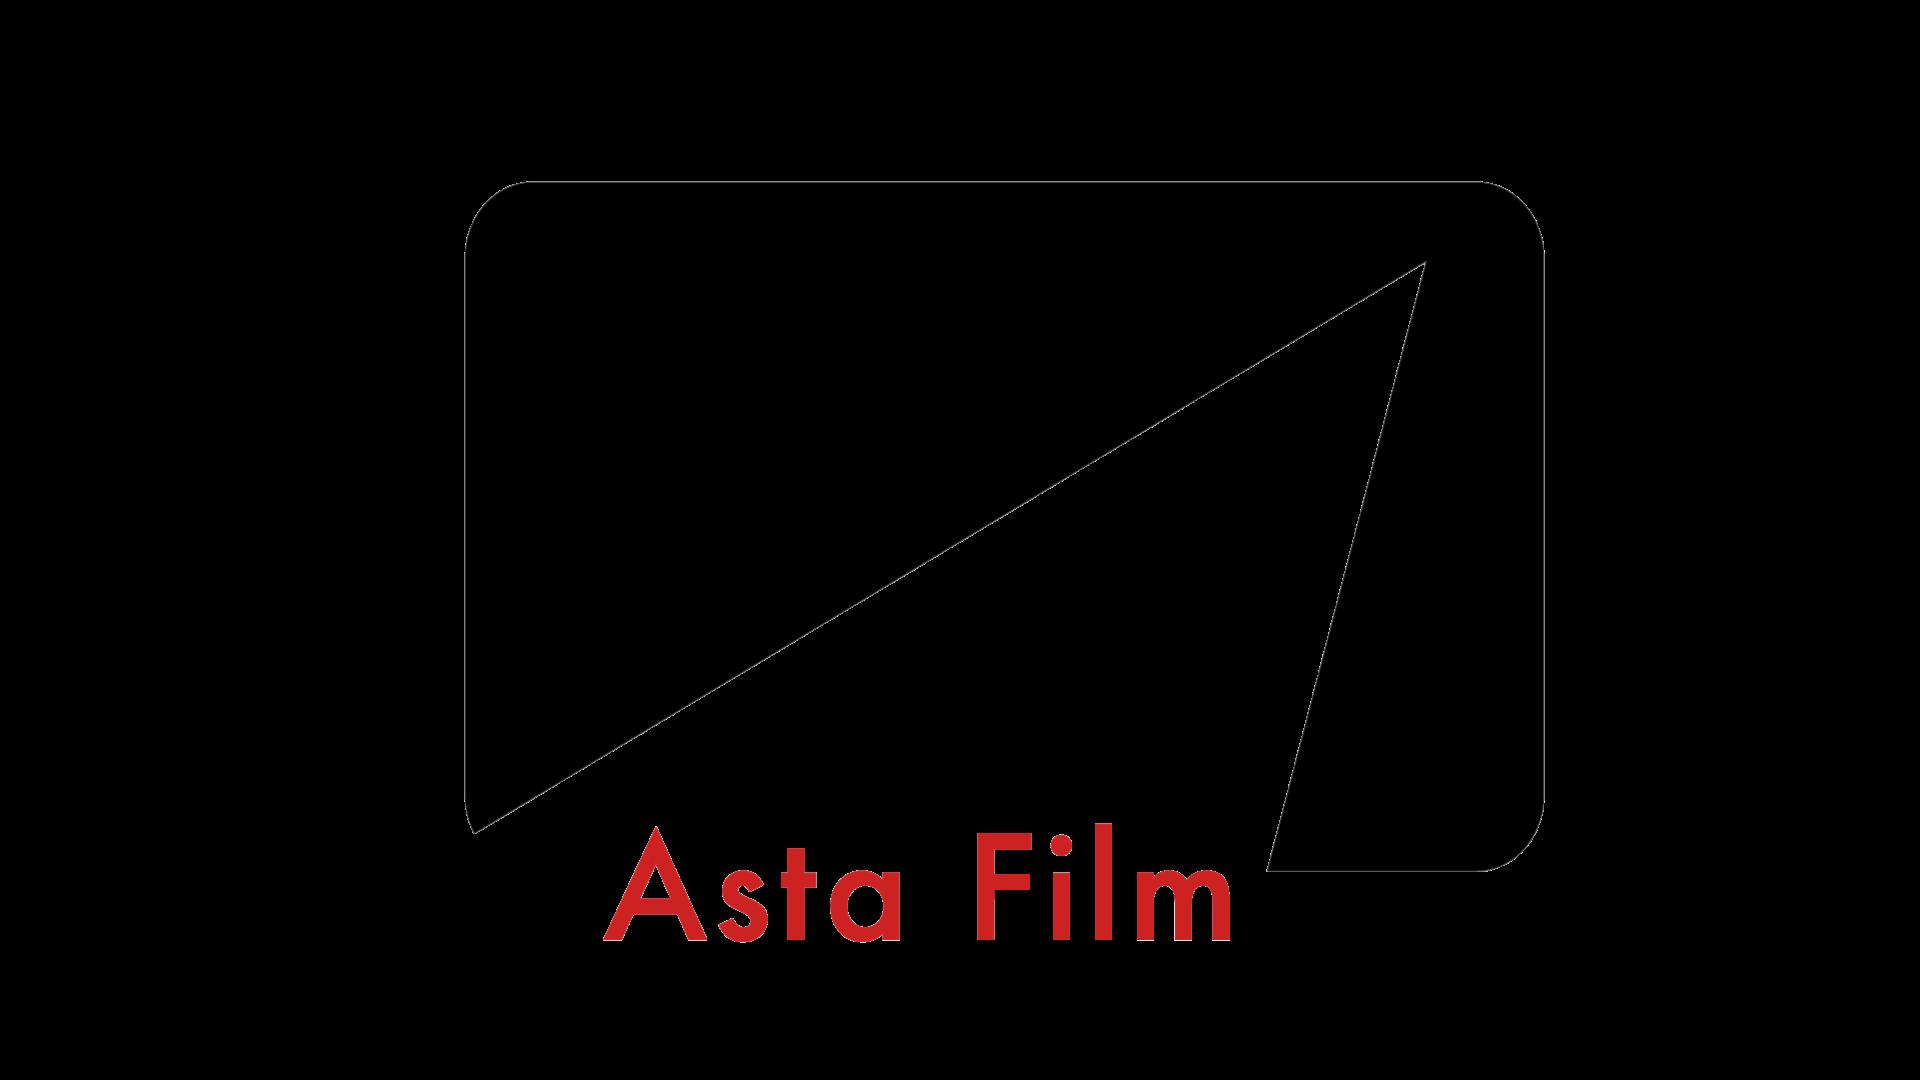 Asta Film